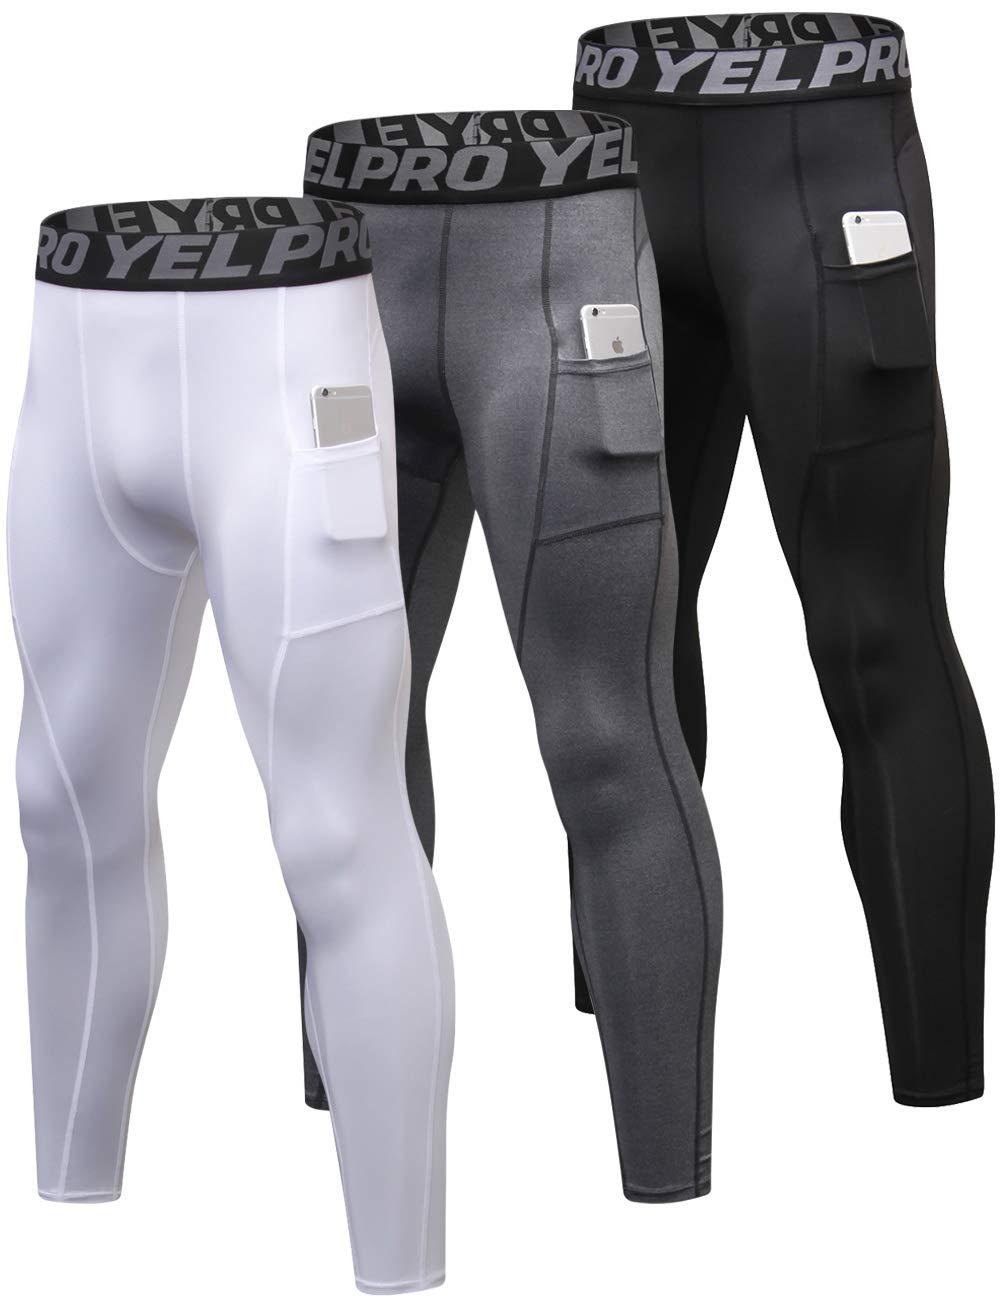 新版 Lavento メンズ コンプレッションパンツ ベースレイヤー クールドライポケット ランニング アンクルレギンス ランニング Medium アクティブタイツ B07MQDSGCP Black/Gray/White 3 Pack-3911 Black/Gray/White Medium Medium 3 Pack-3911 Black/Gray/White, SUBRISKY(サブリスキー):e7709486 --- arianechie.dominiotemporario.com